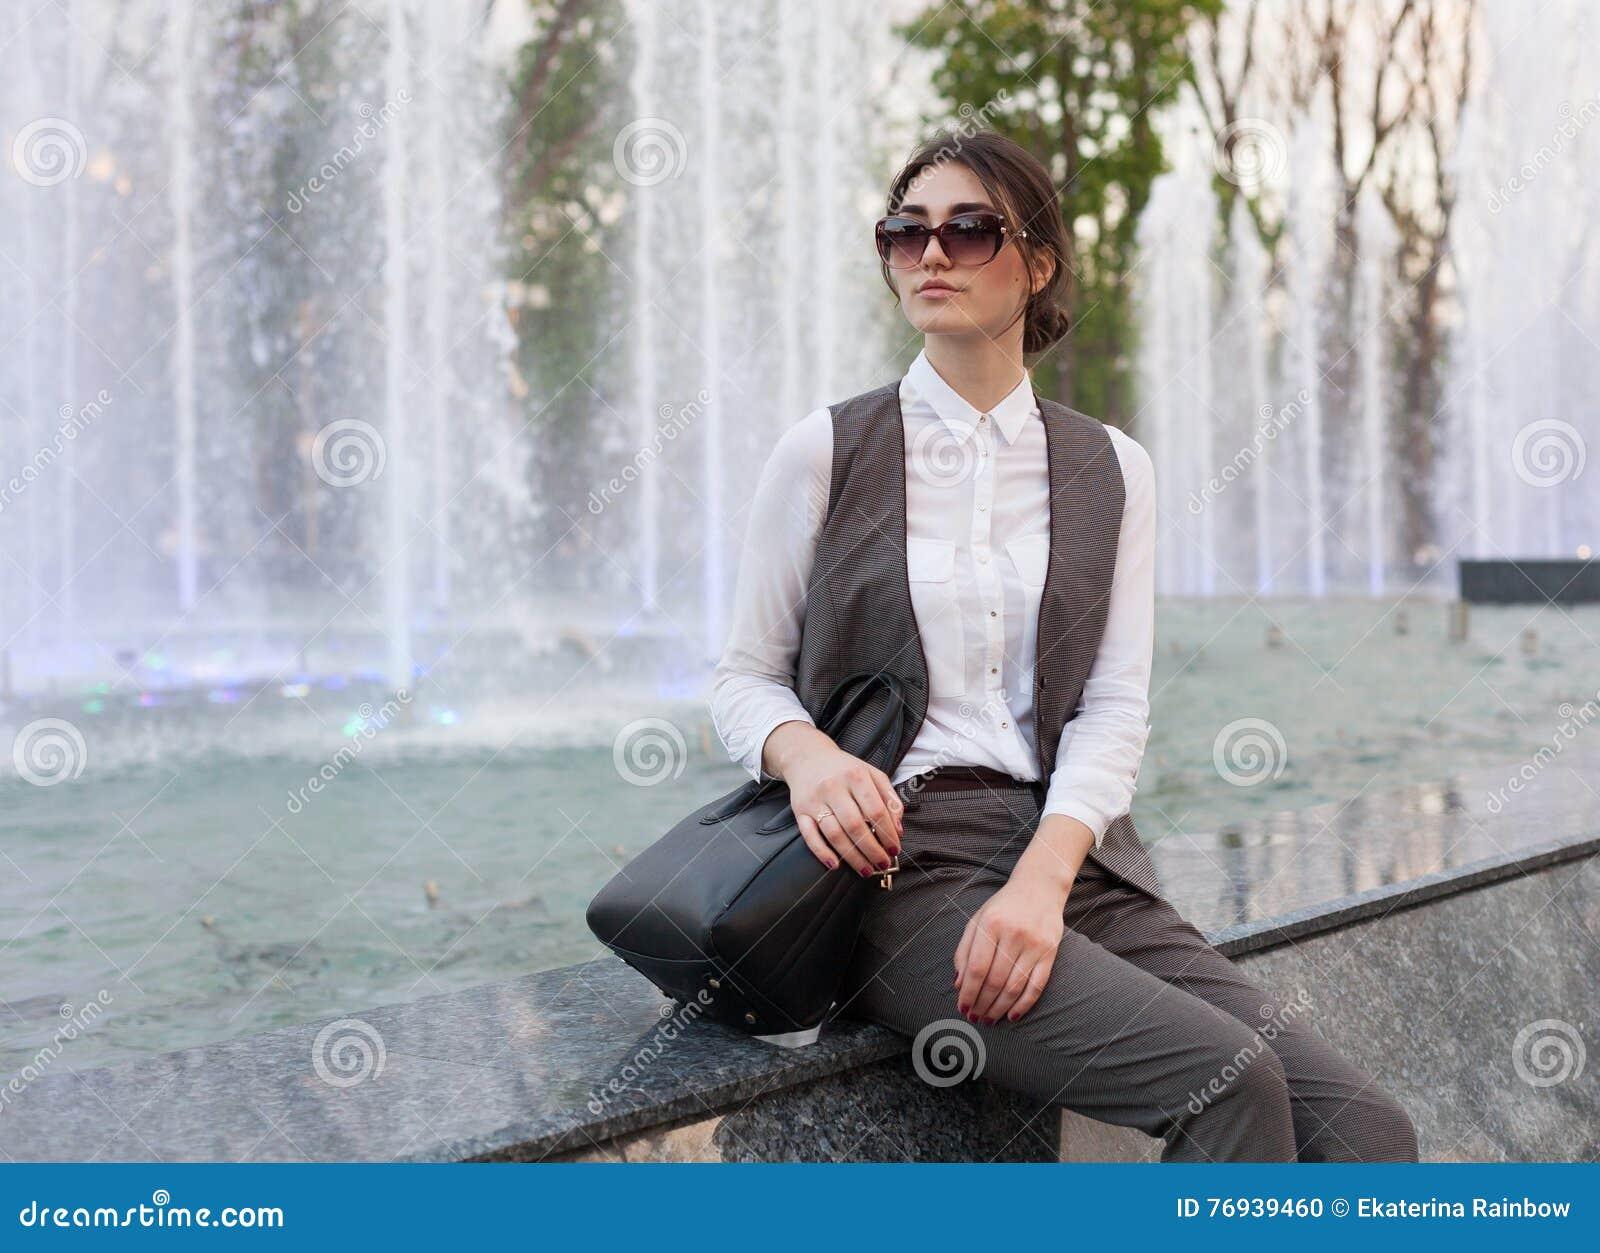 Senhora em um terno de negócio